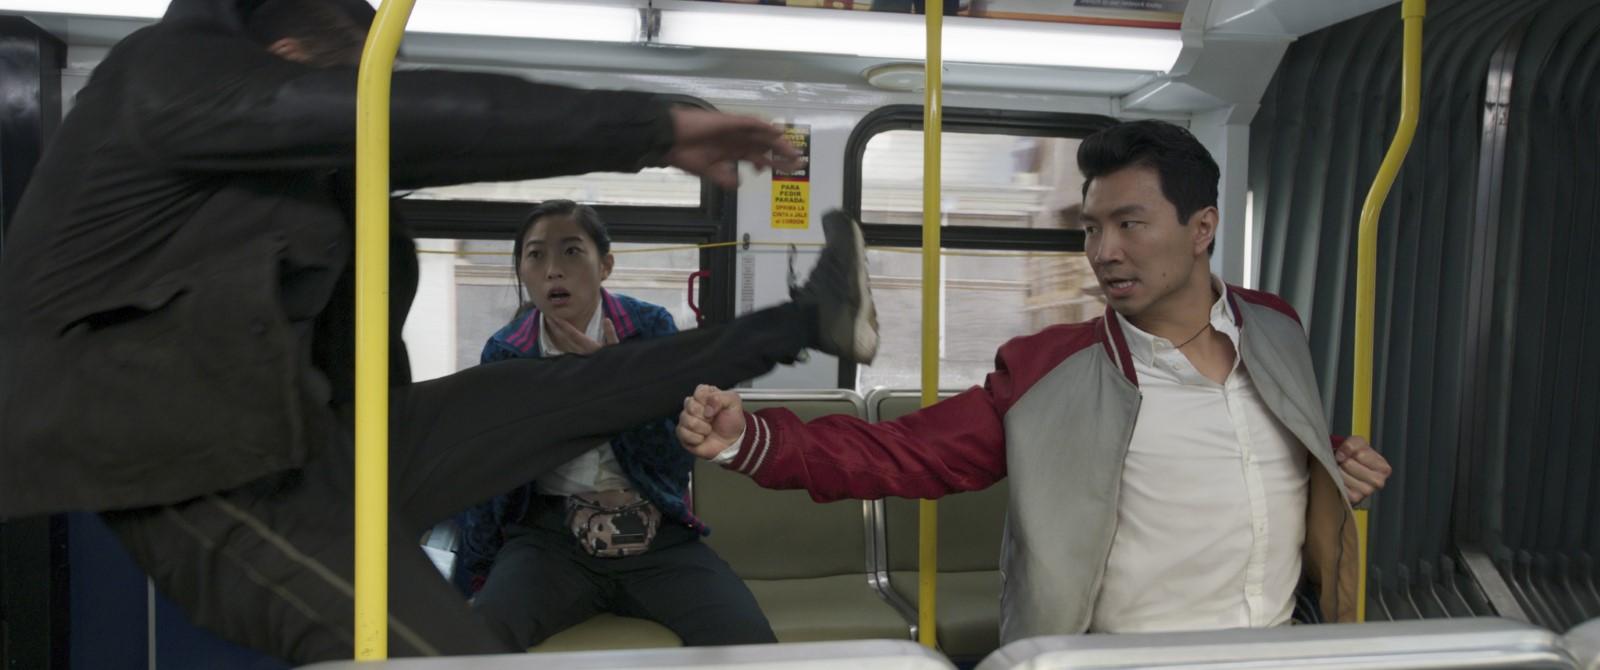 Shang-Chi Et La Légende Des Dix Anneaux (2021)